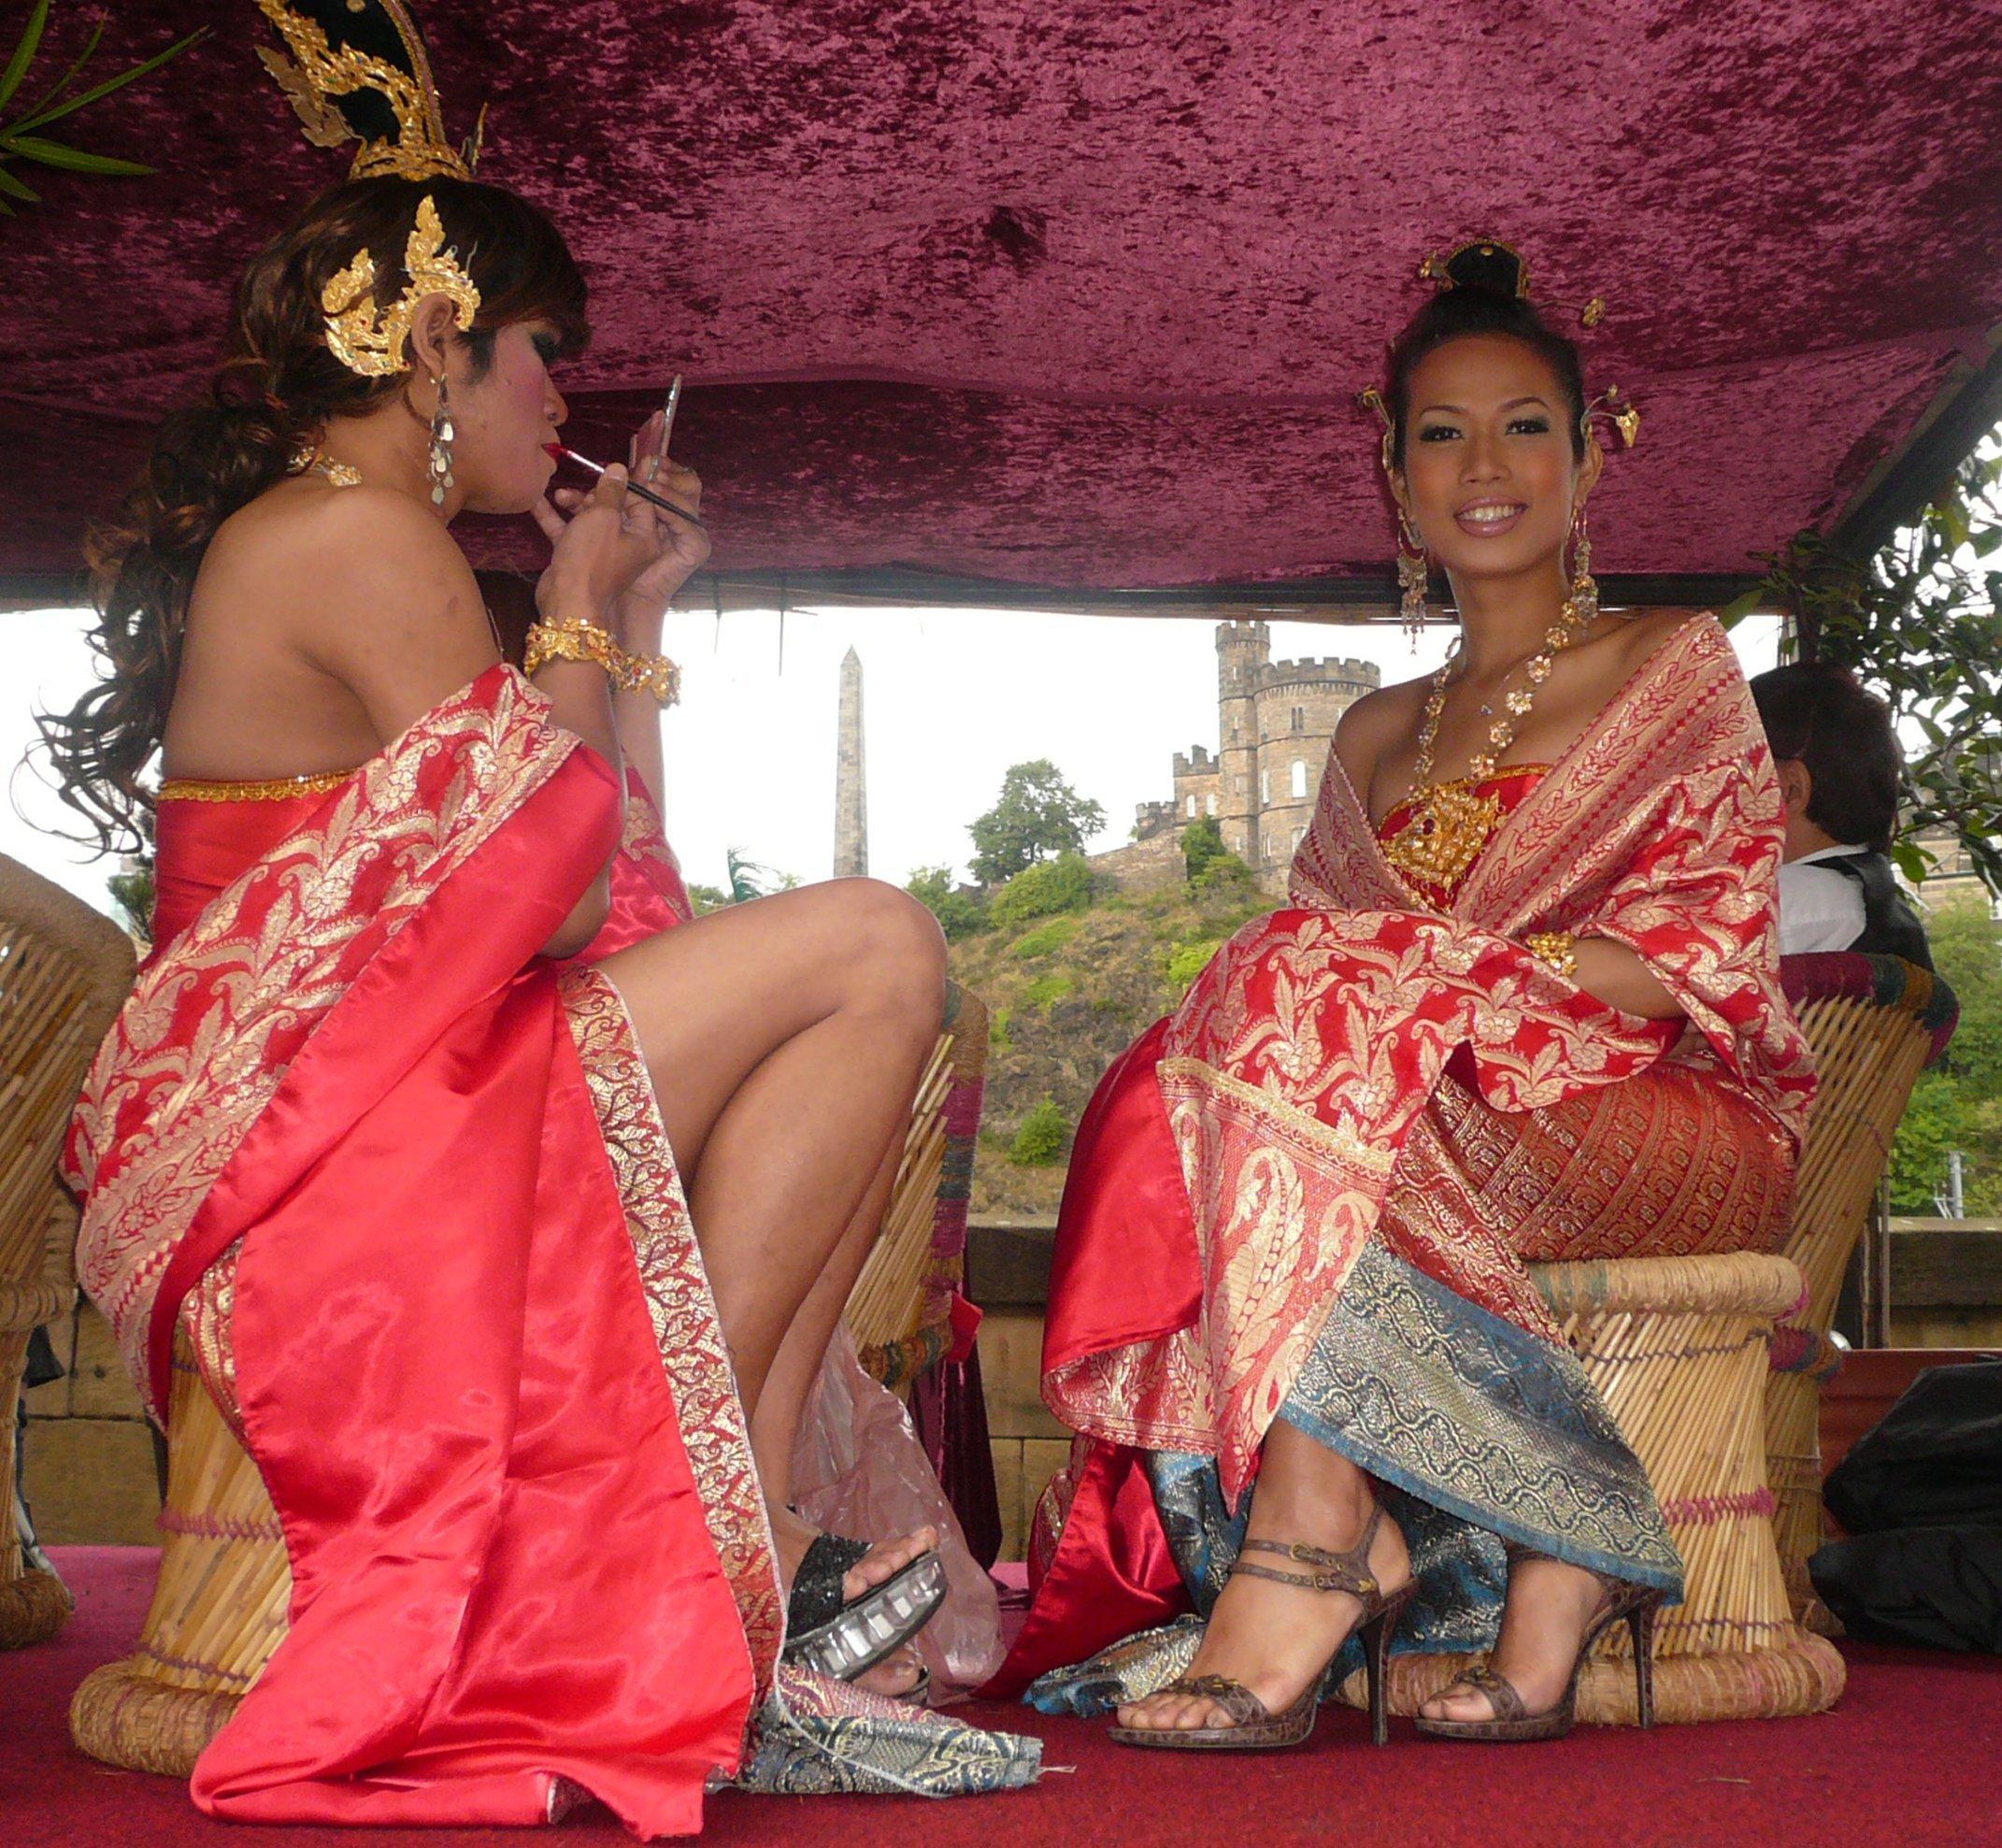 foto-transvestitov-v-tailande